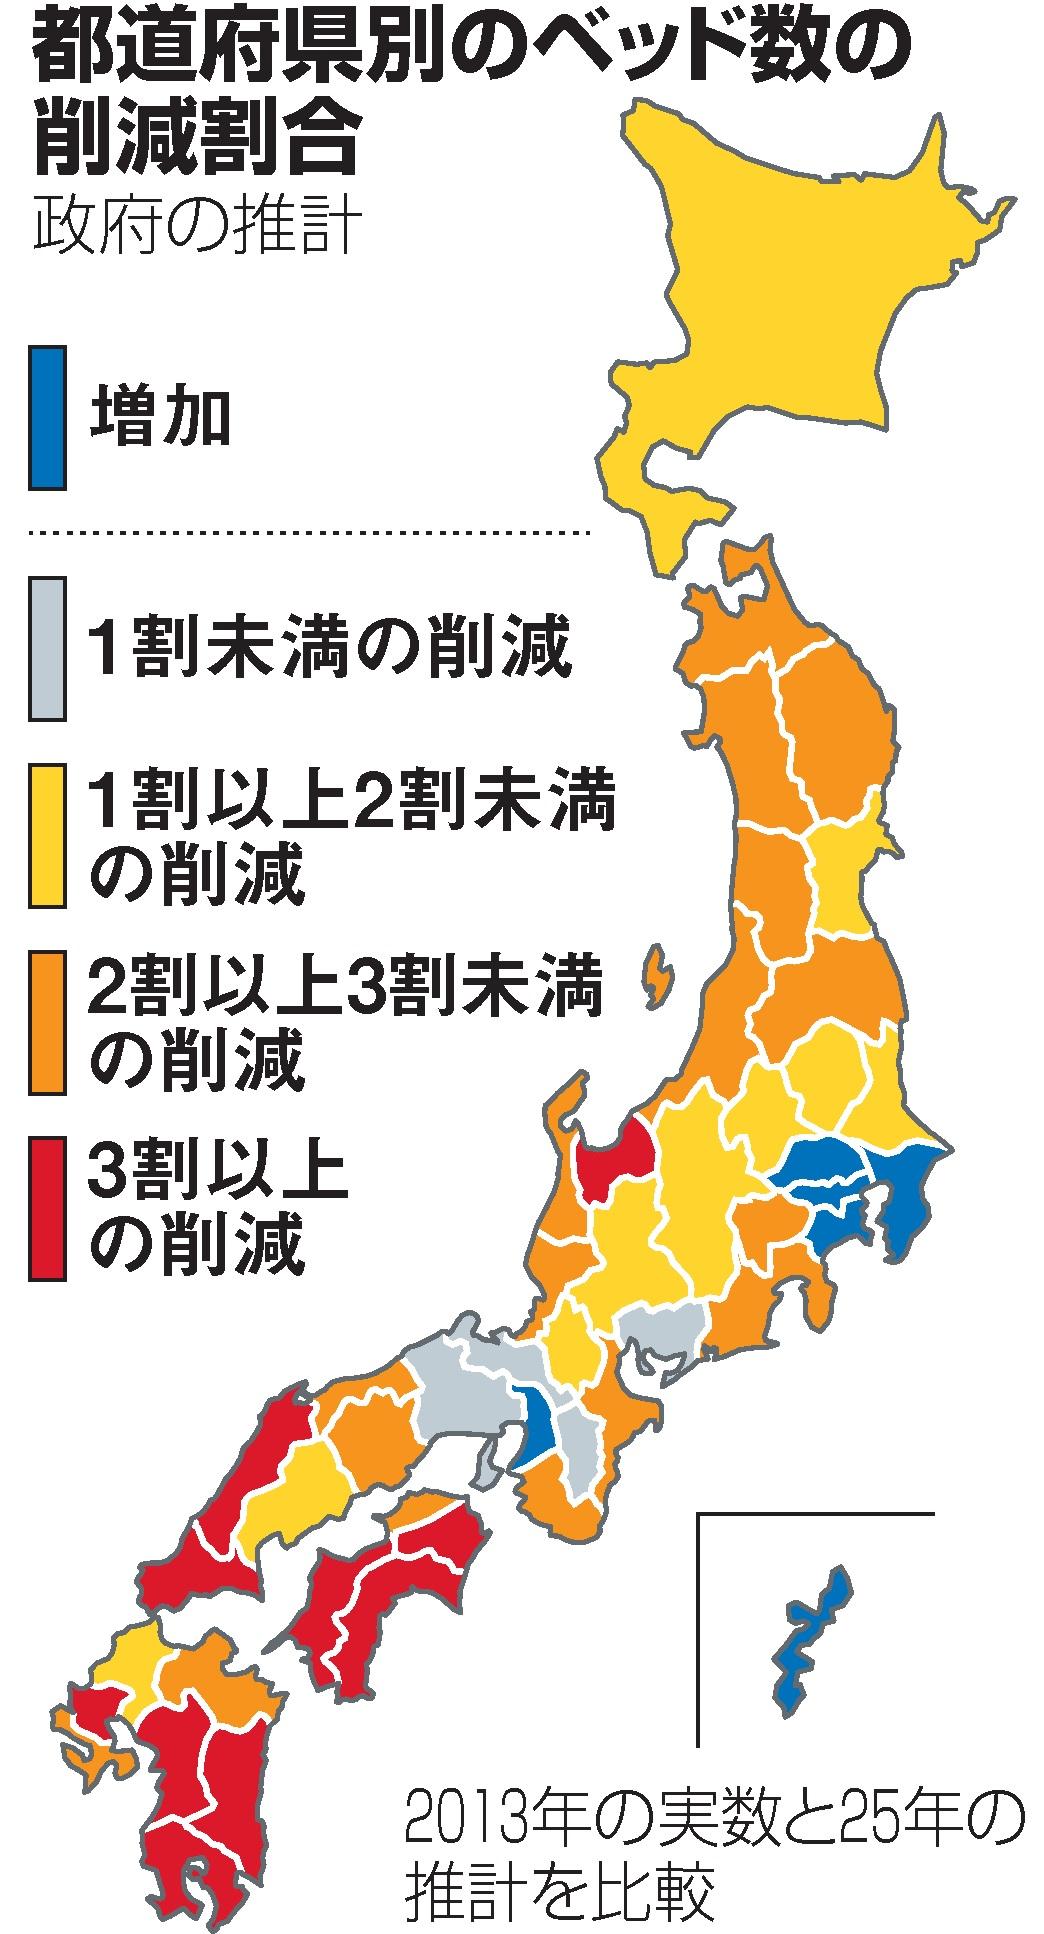 都道府県別のベッド数の削減割合